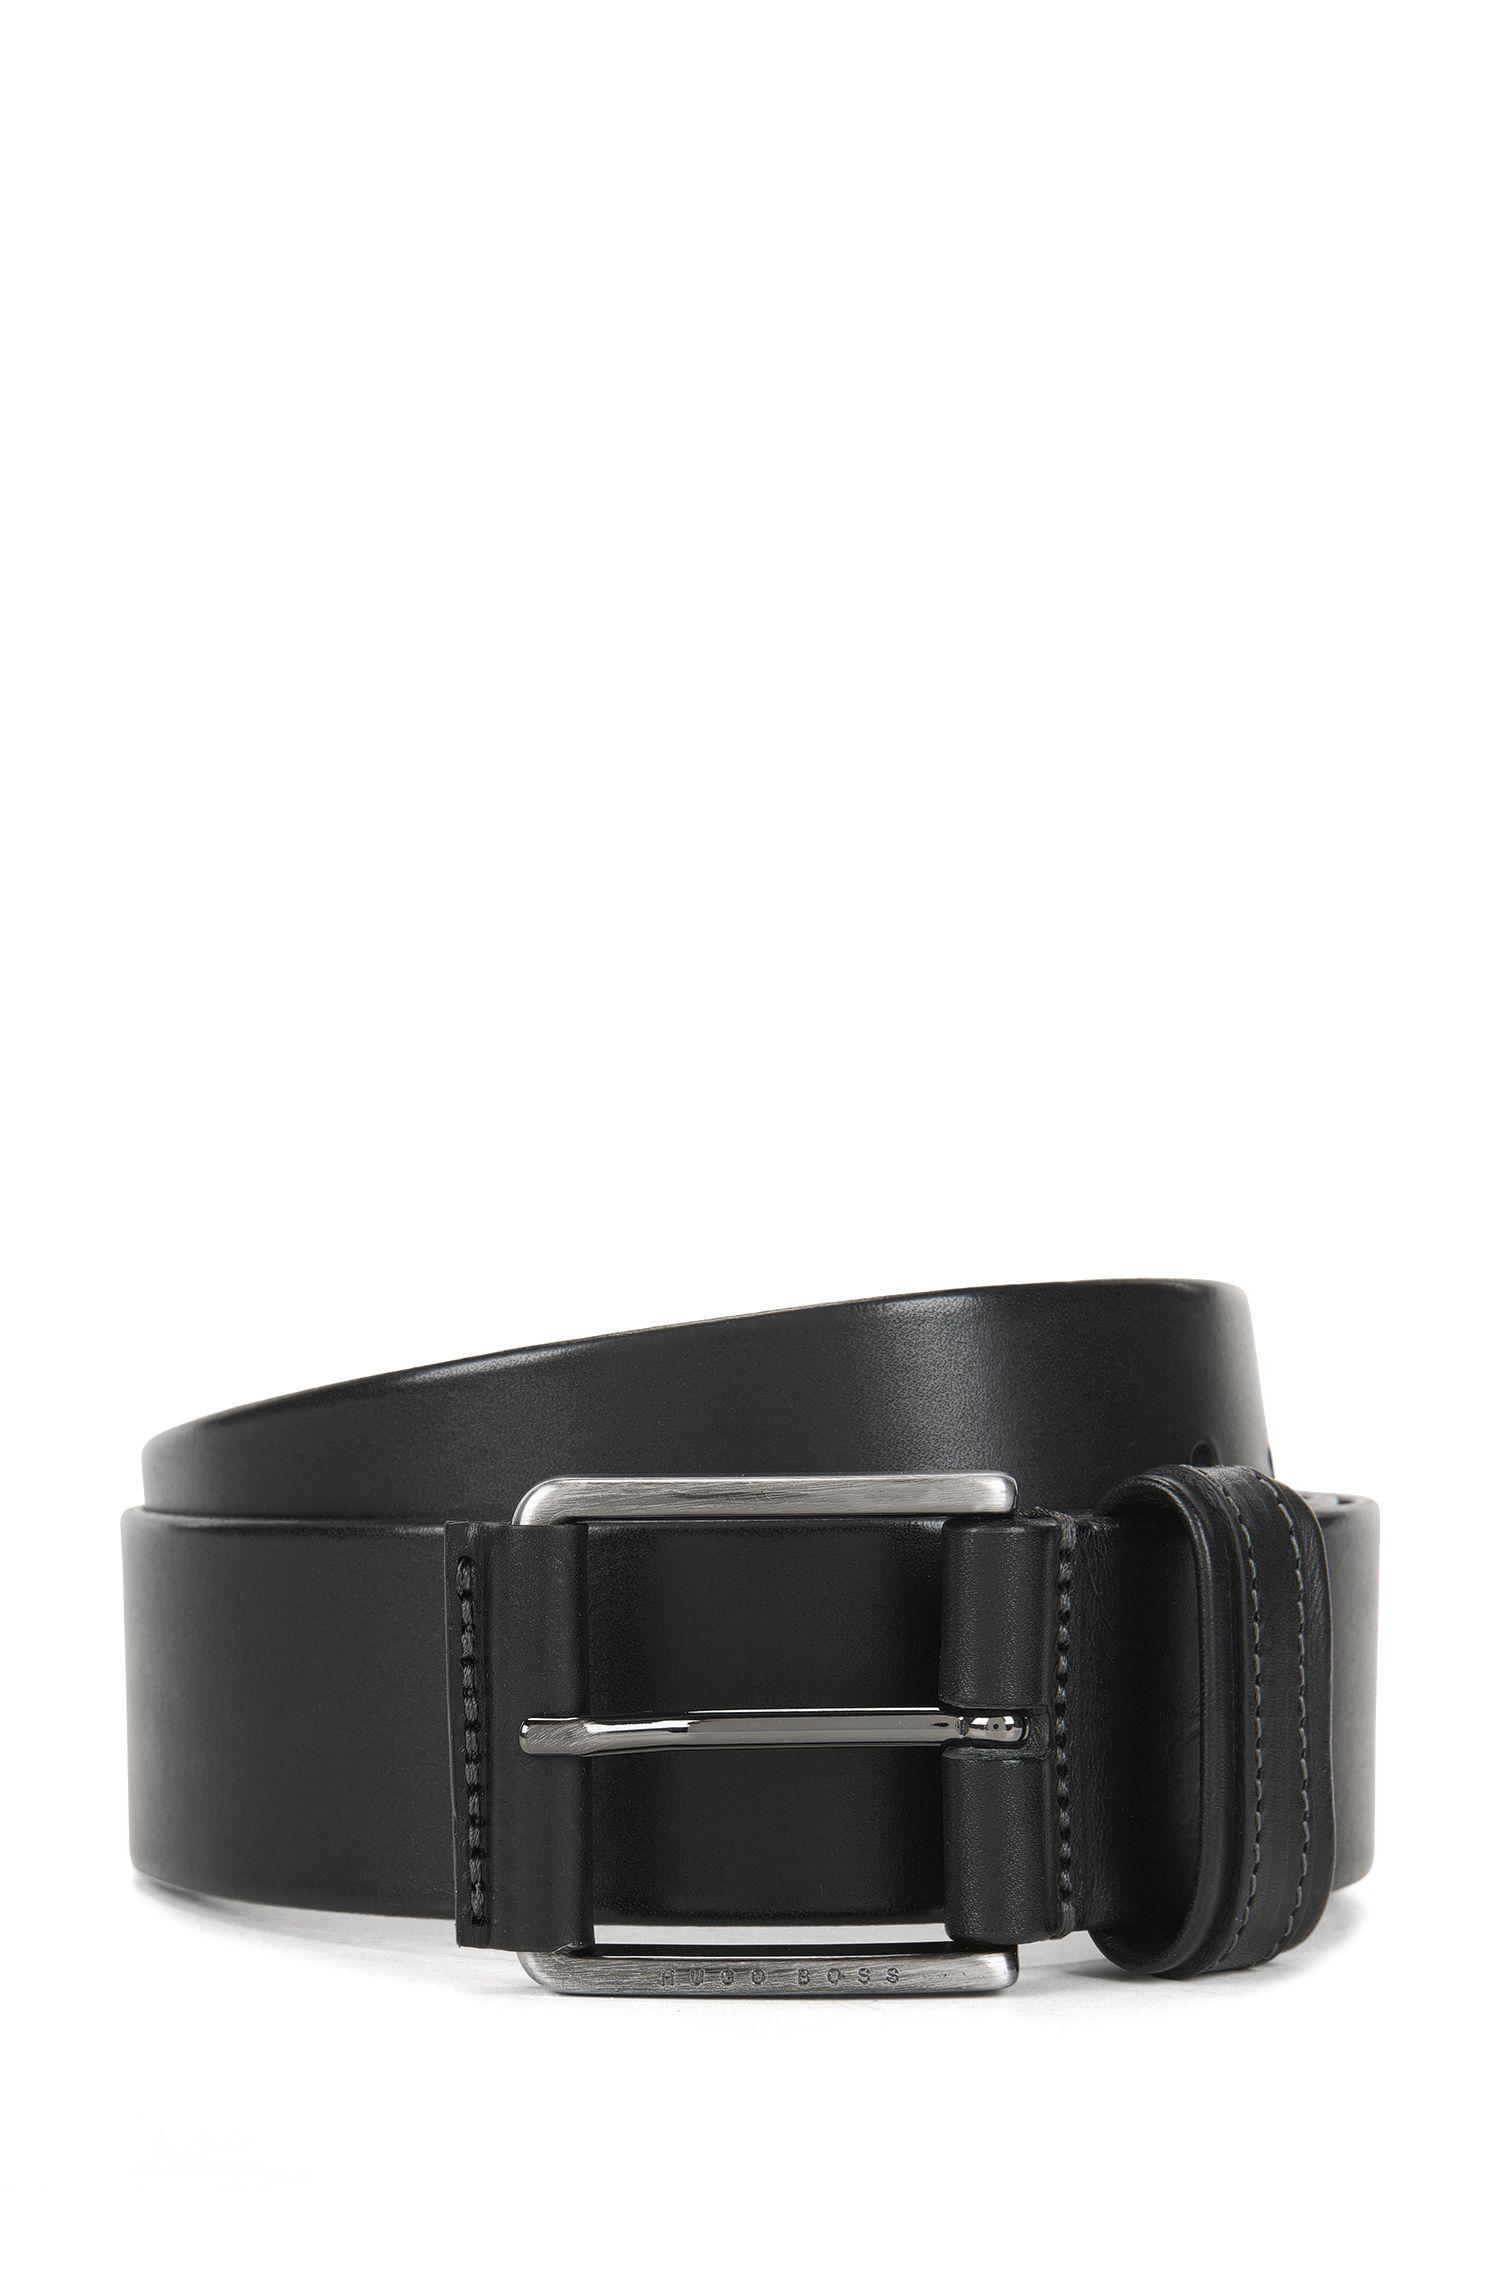 Cintura in pelle con finitura bicolore